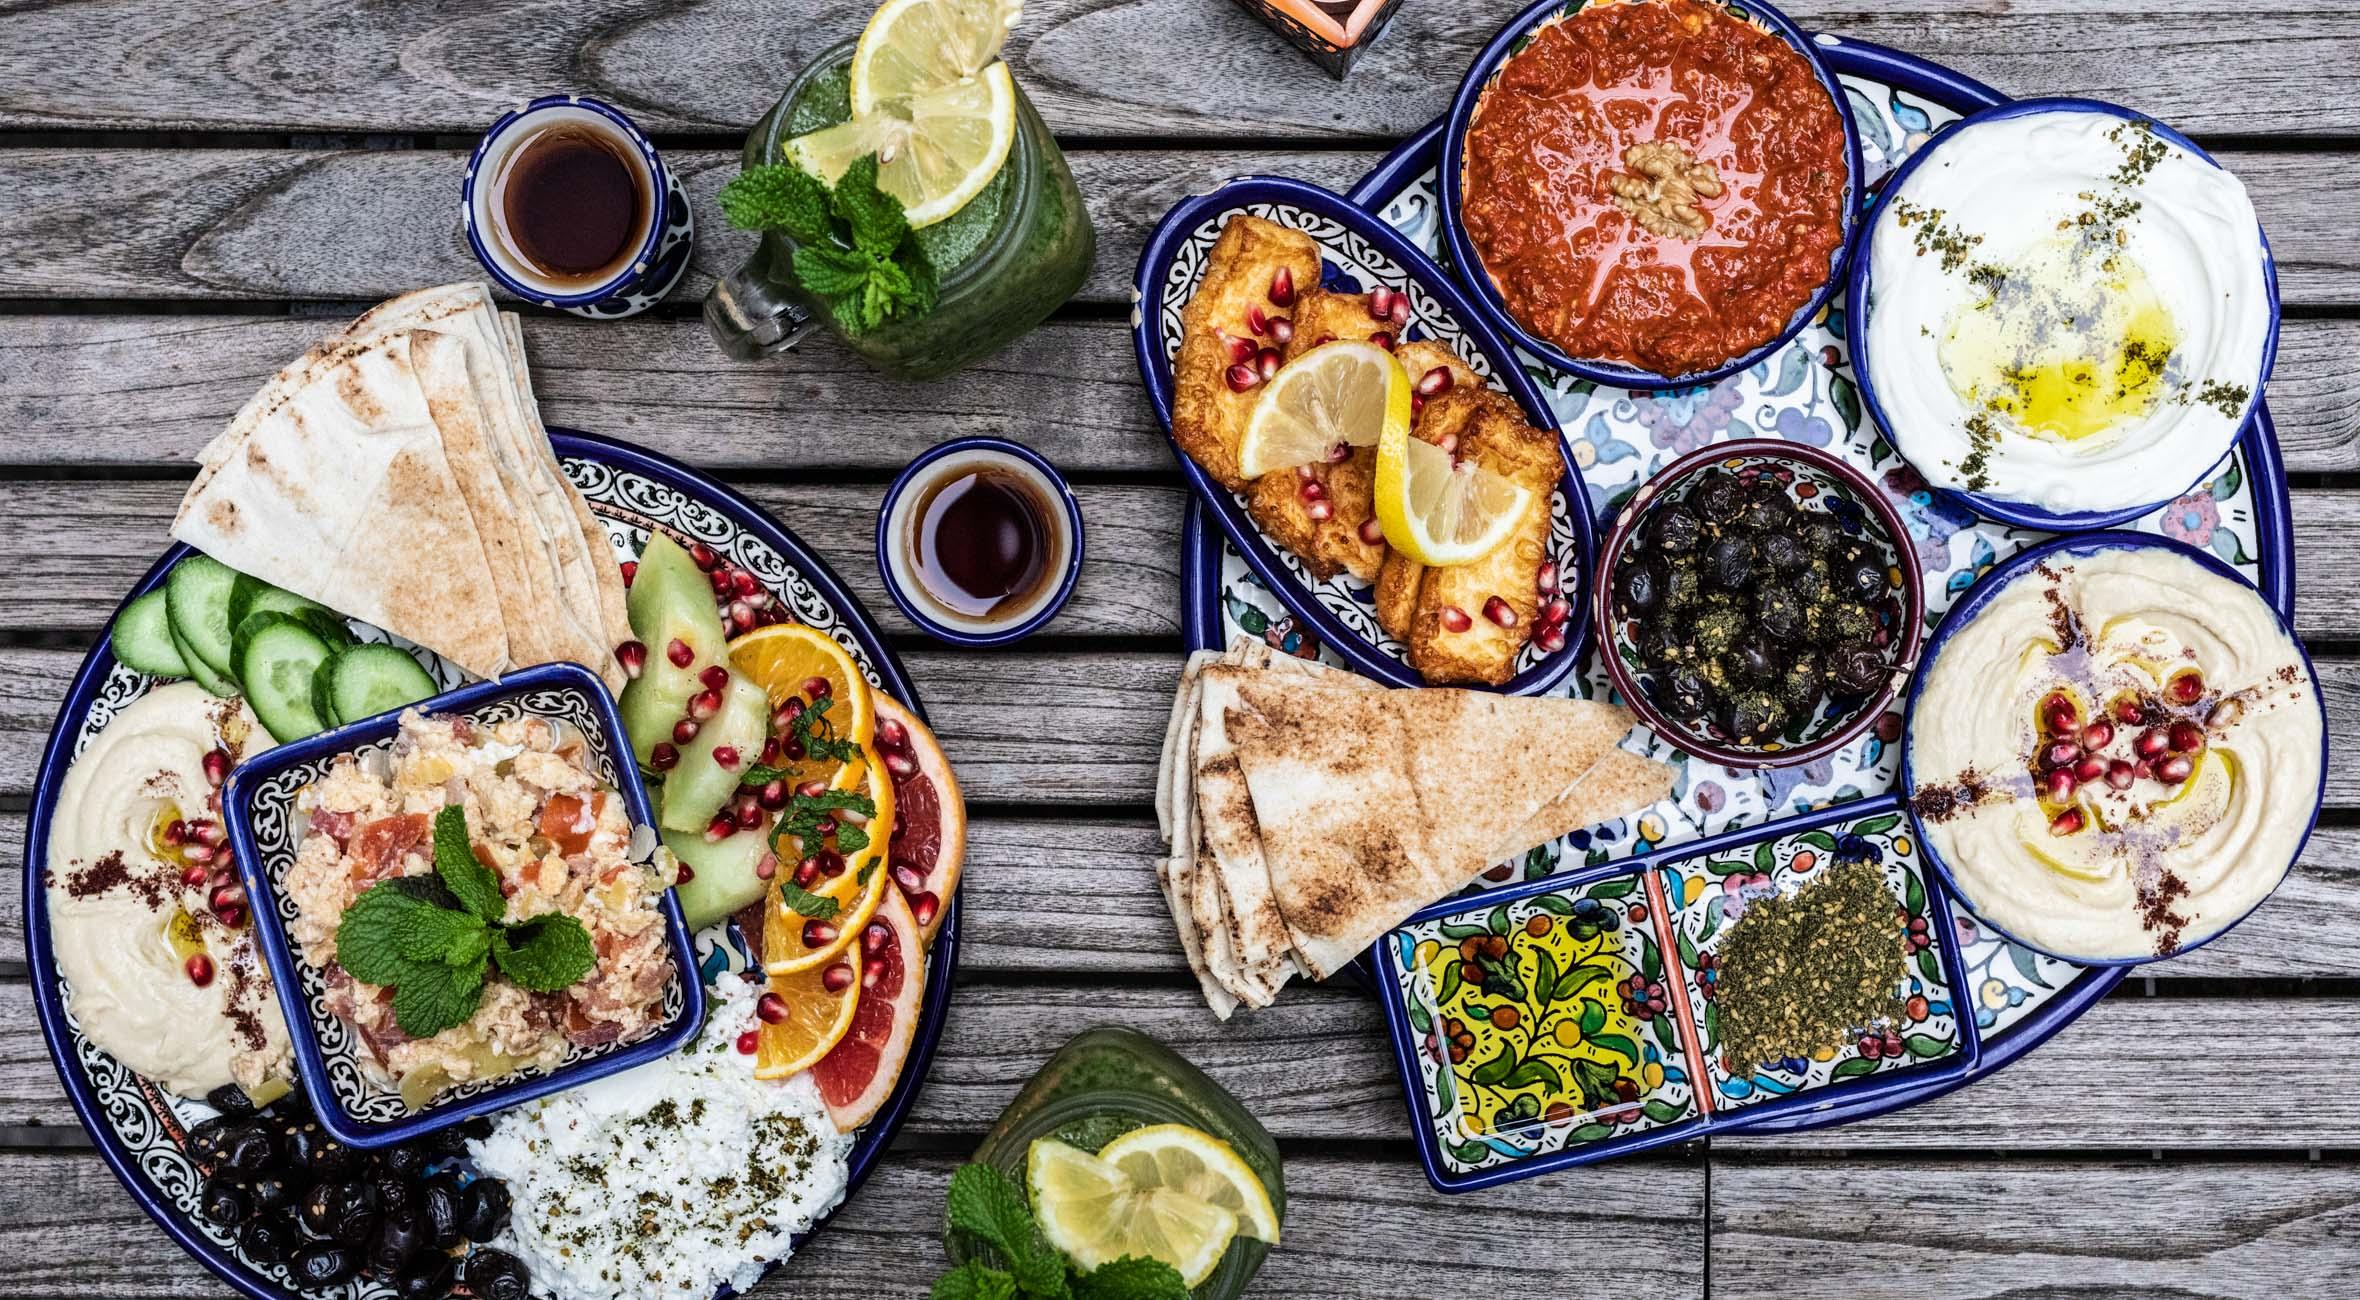 Brunch med lemonade og te for 2 personer hos Mahalle i Nansensgade – Smag vilde brunch-specialiteter fra Mellemøsten